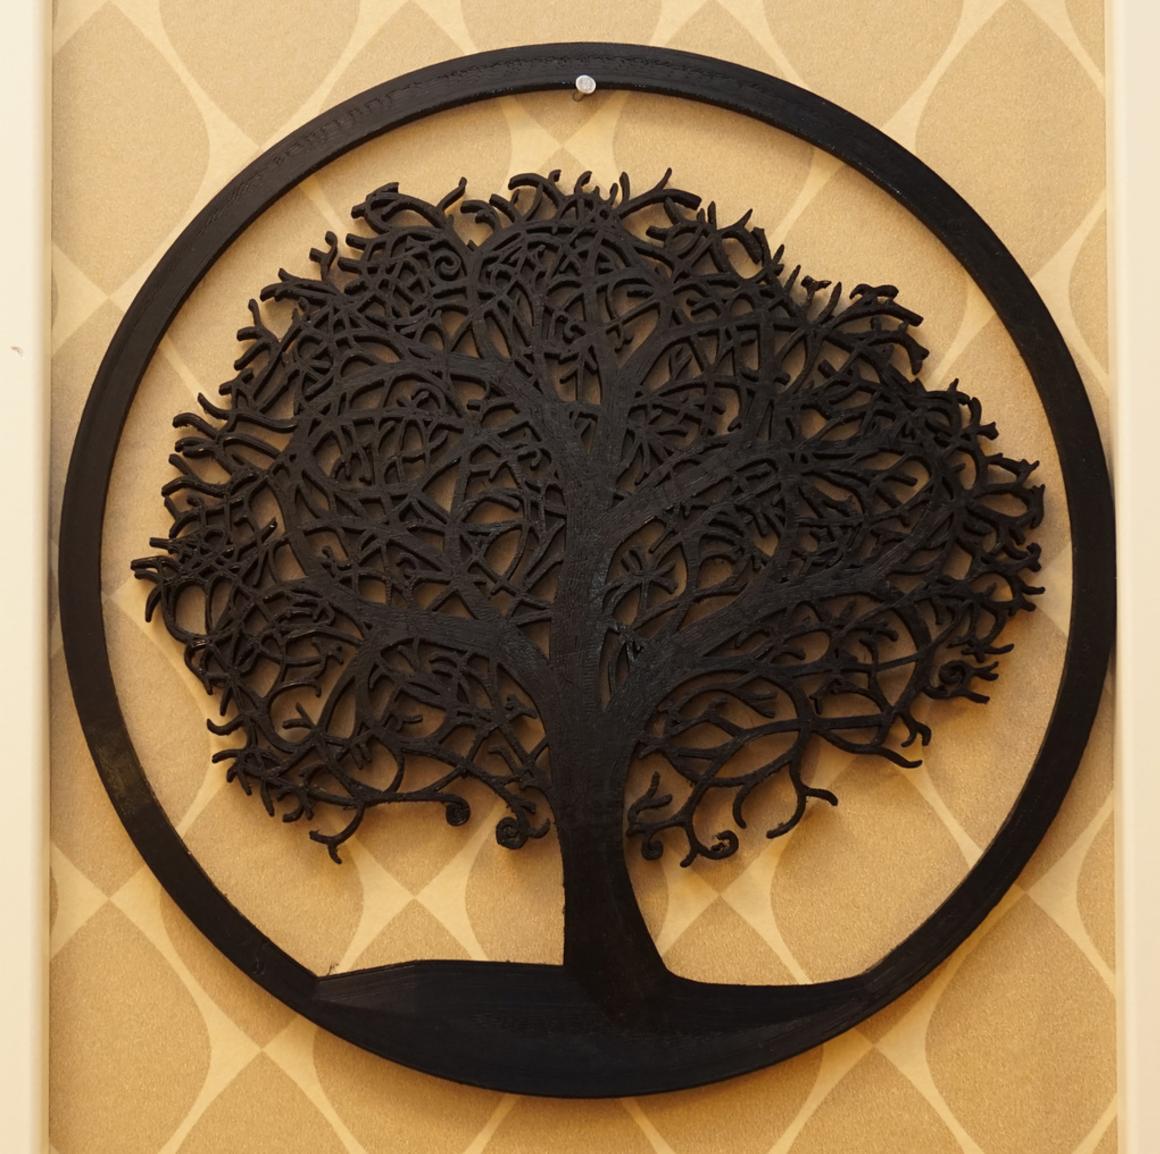 Capture d'écran 2016-12-21 à 10.14.48.png Download free STL file Encircled Tree • 3D printing object, FrankLumien